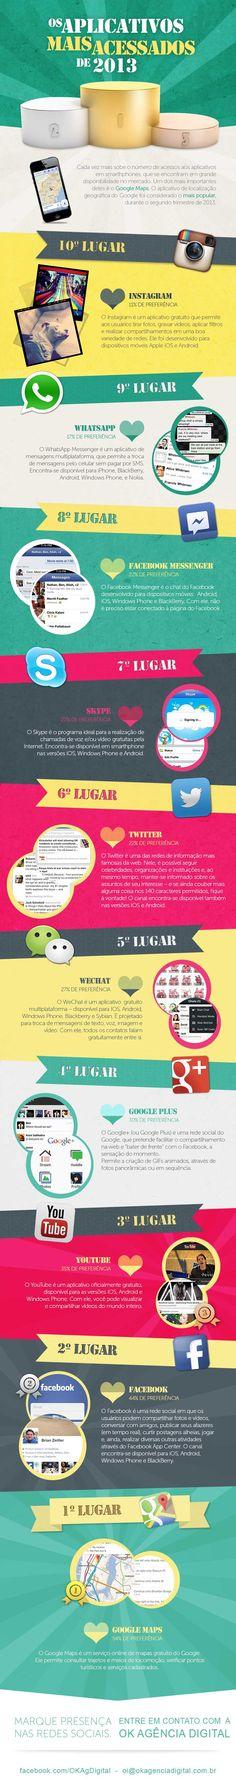 #Infografico > Os aplicativos mais acessados de 2013 #Apps